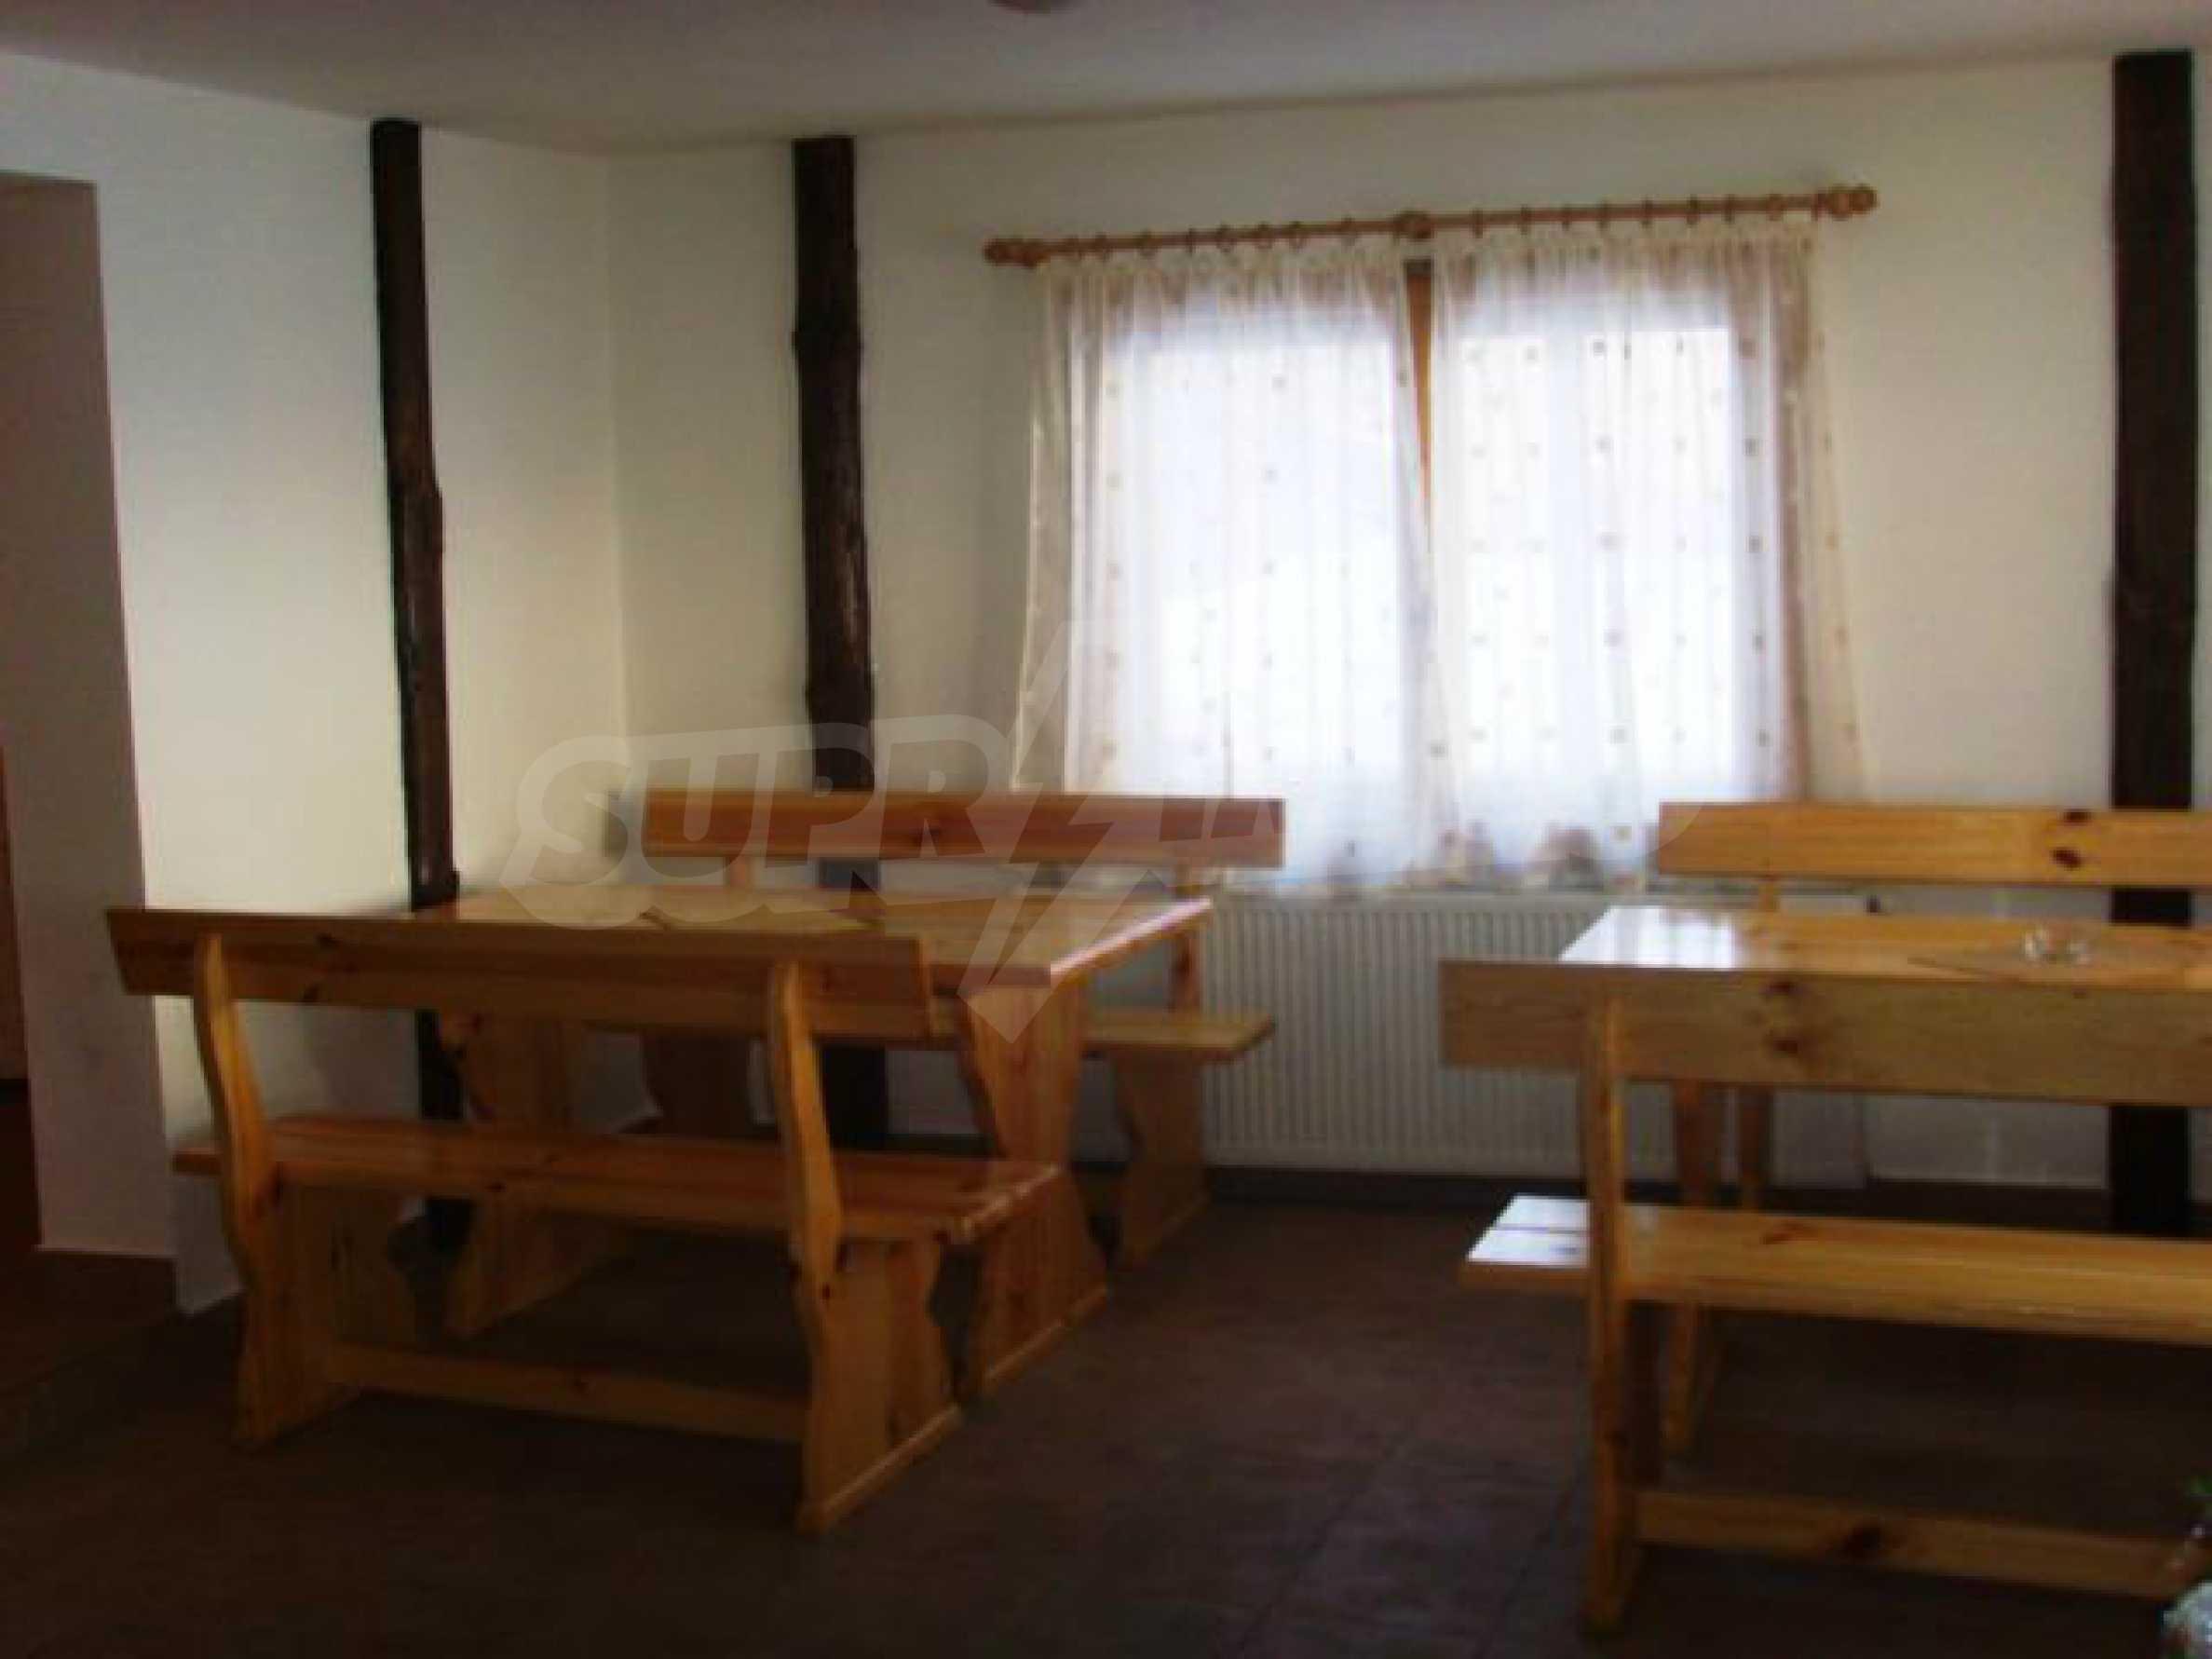 Geräumiges, voll möbliertes und ausgestattetes zweistöckiges Haus in Ribaritsa 42